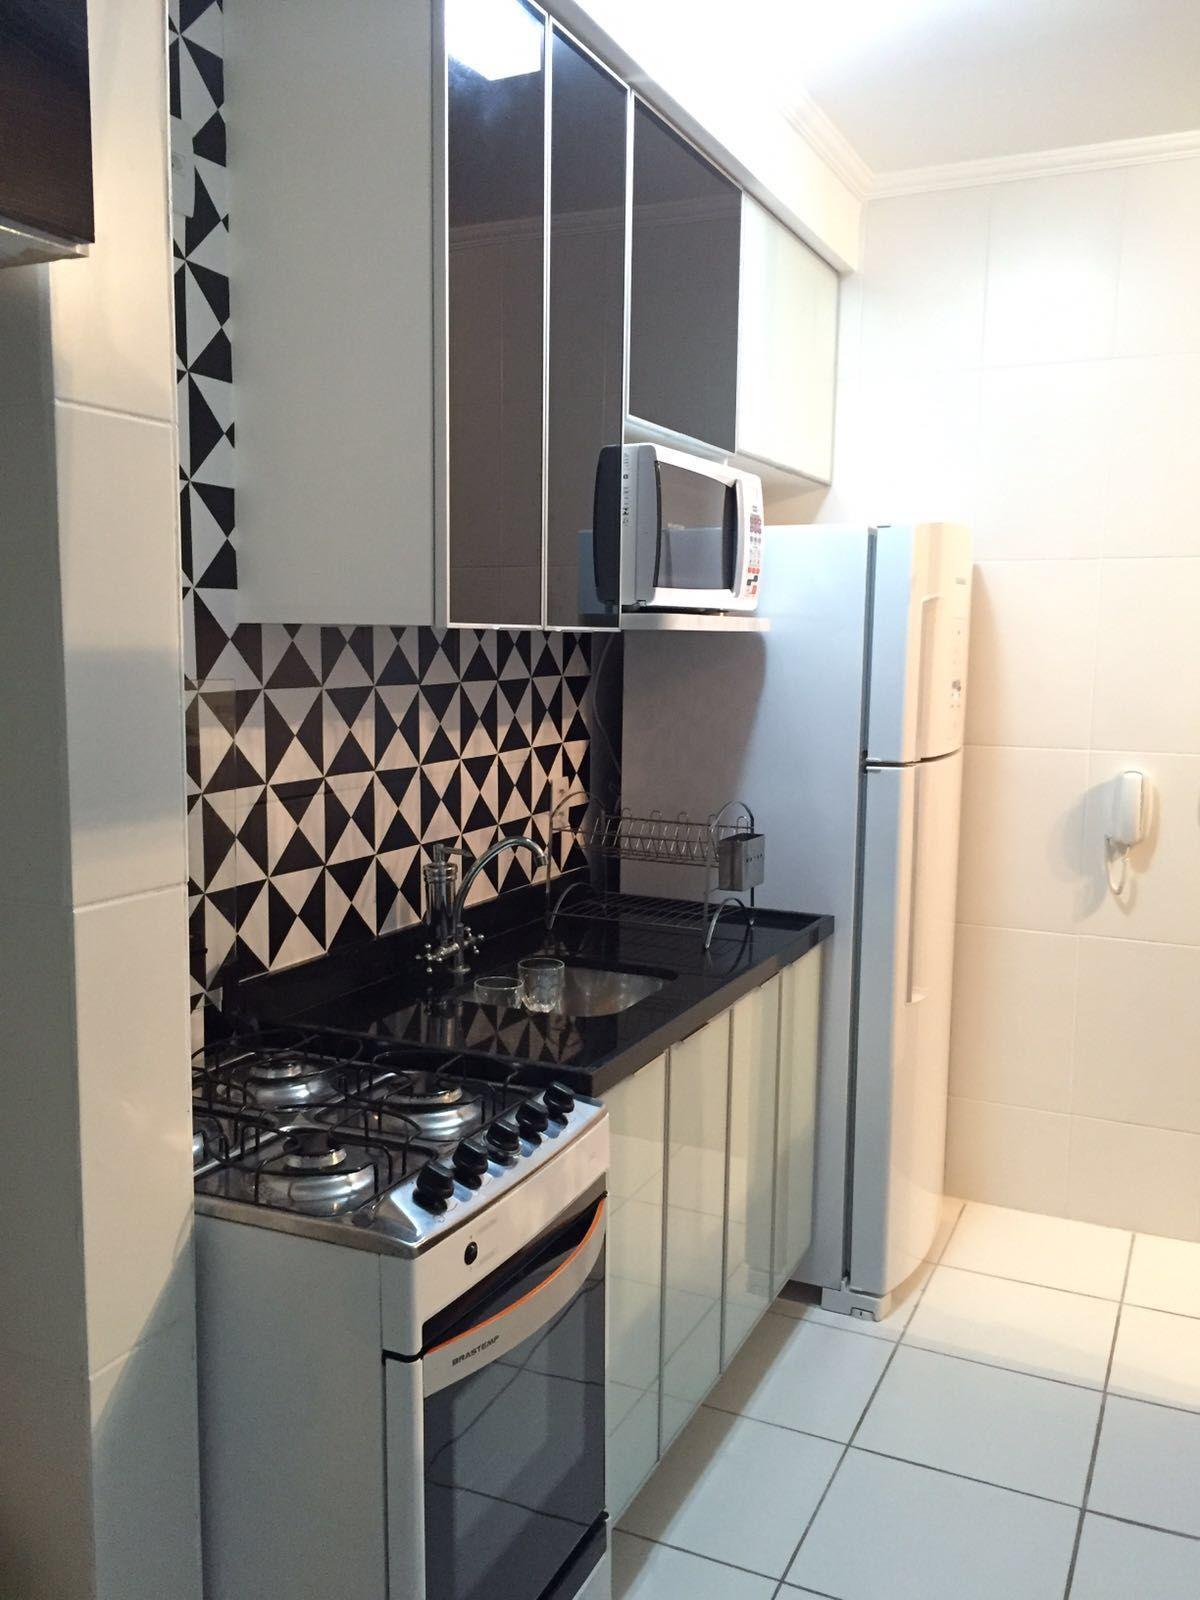 Cozinha Planejada Pequena Apartamento Cozinha Com Vidro Cozinha